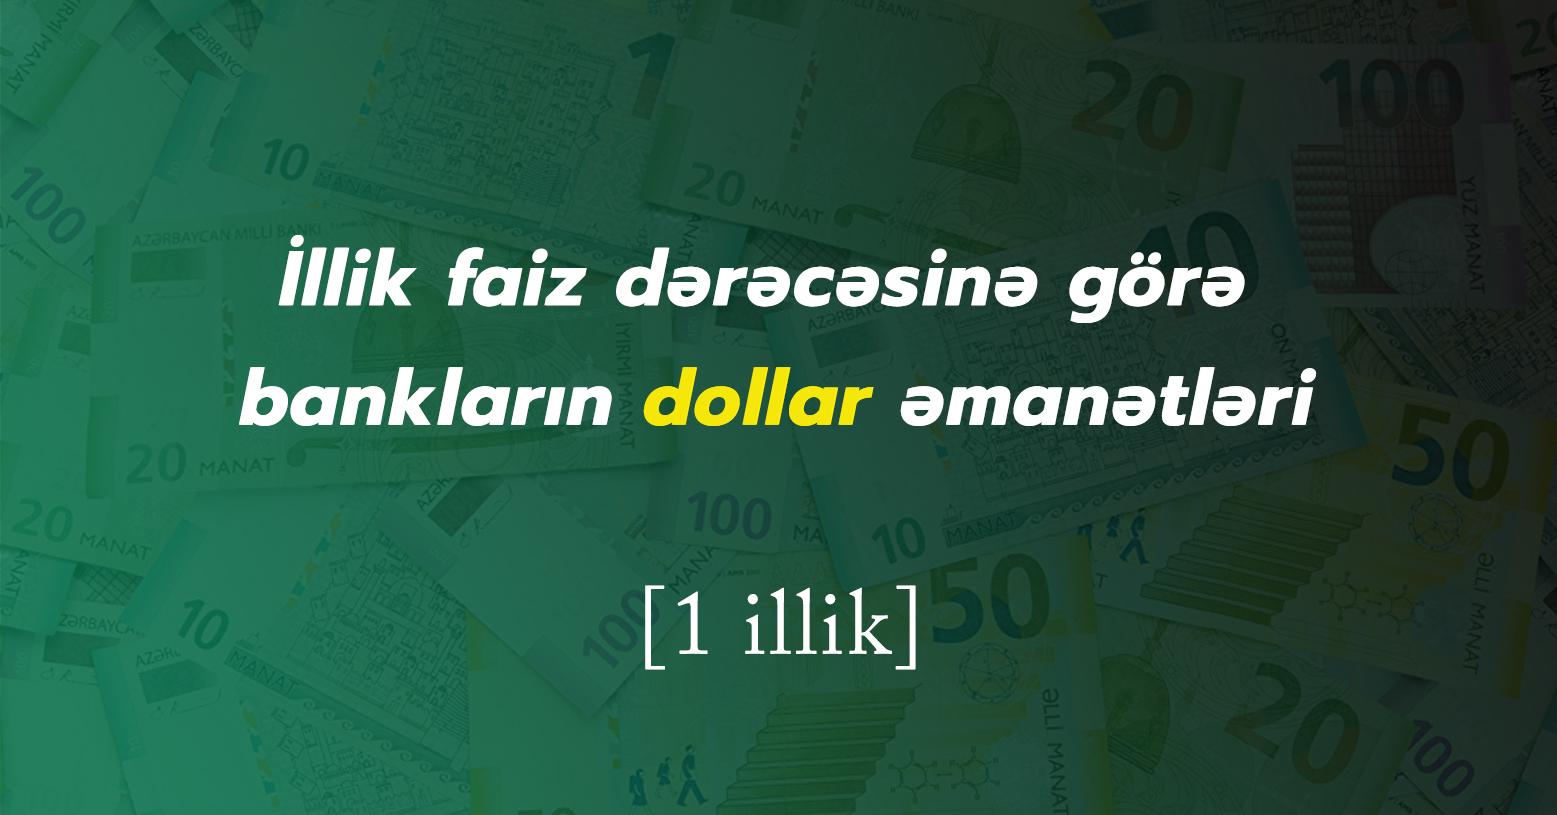 Dollar əmanəti hansı banklarda daha sərfəlidir? - Avqust 2020